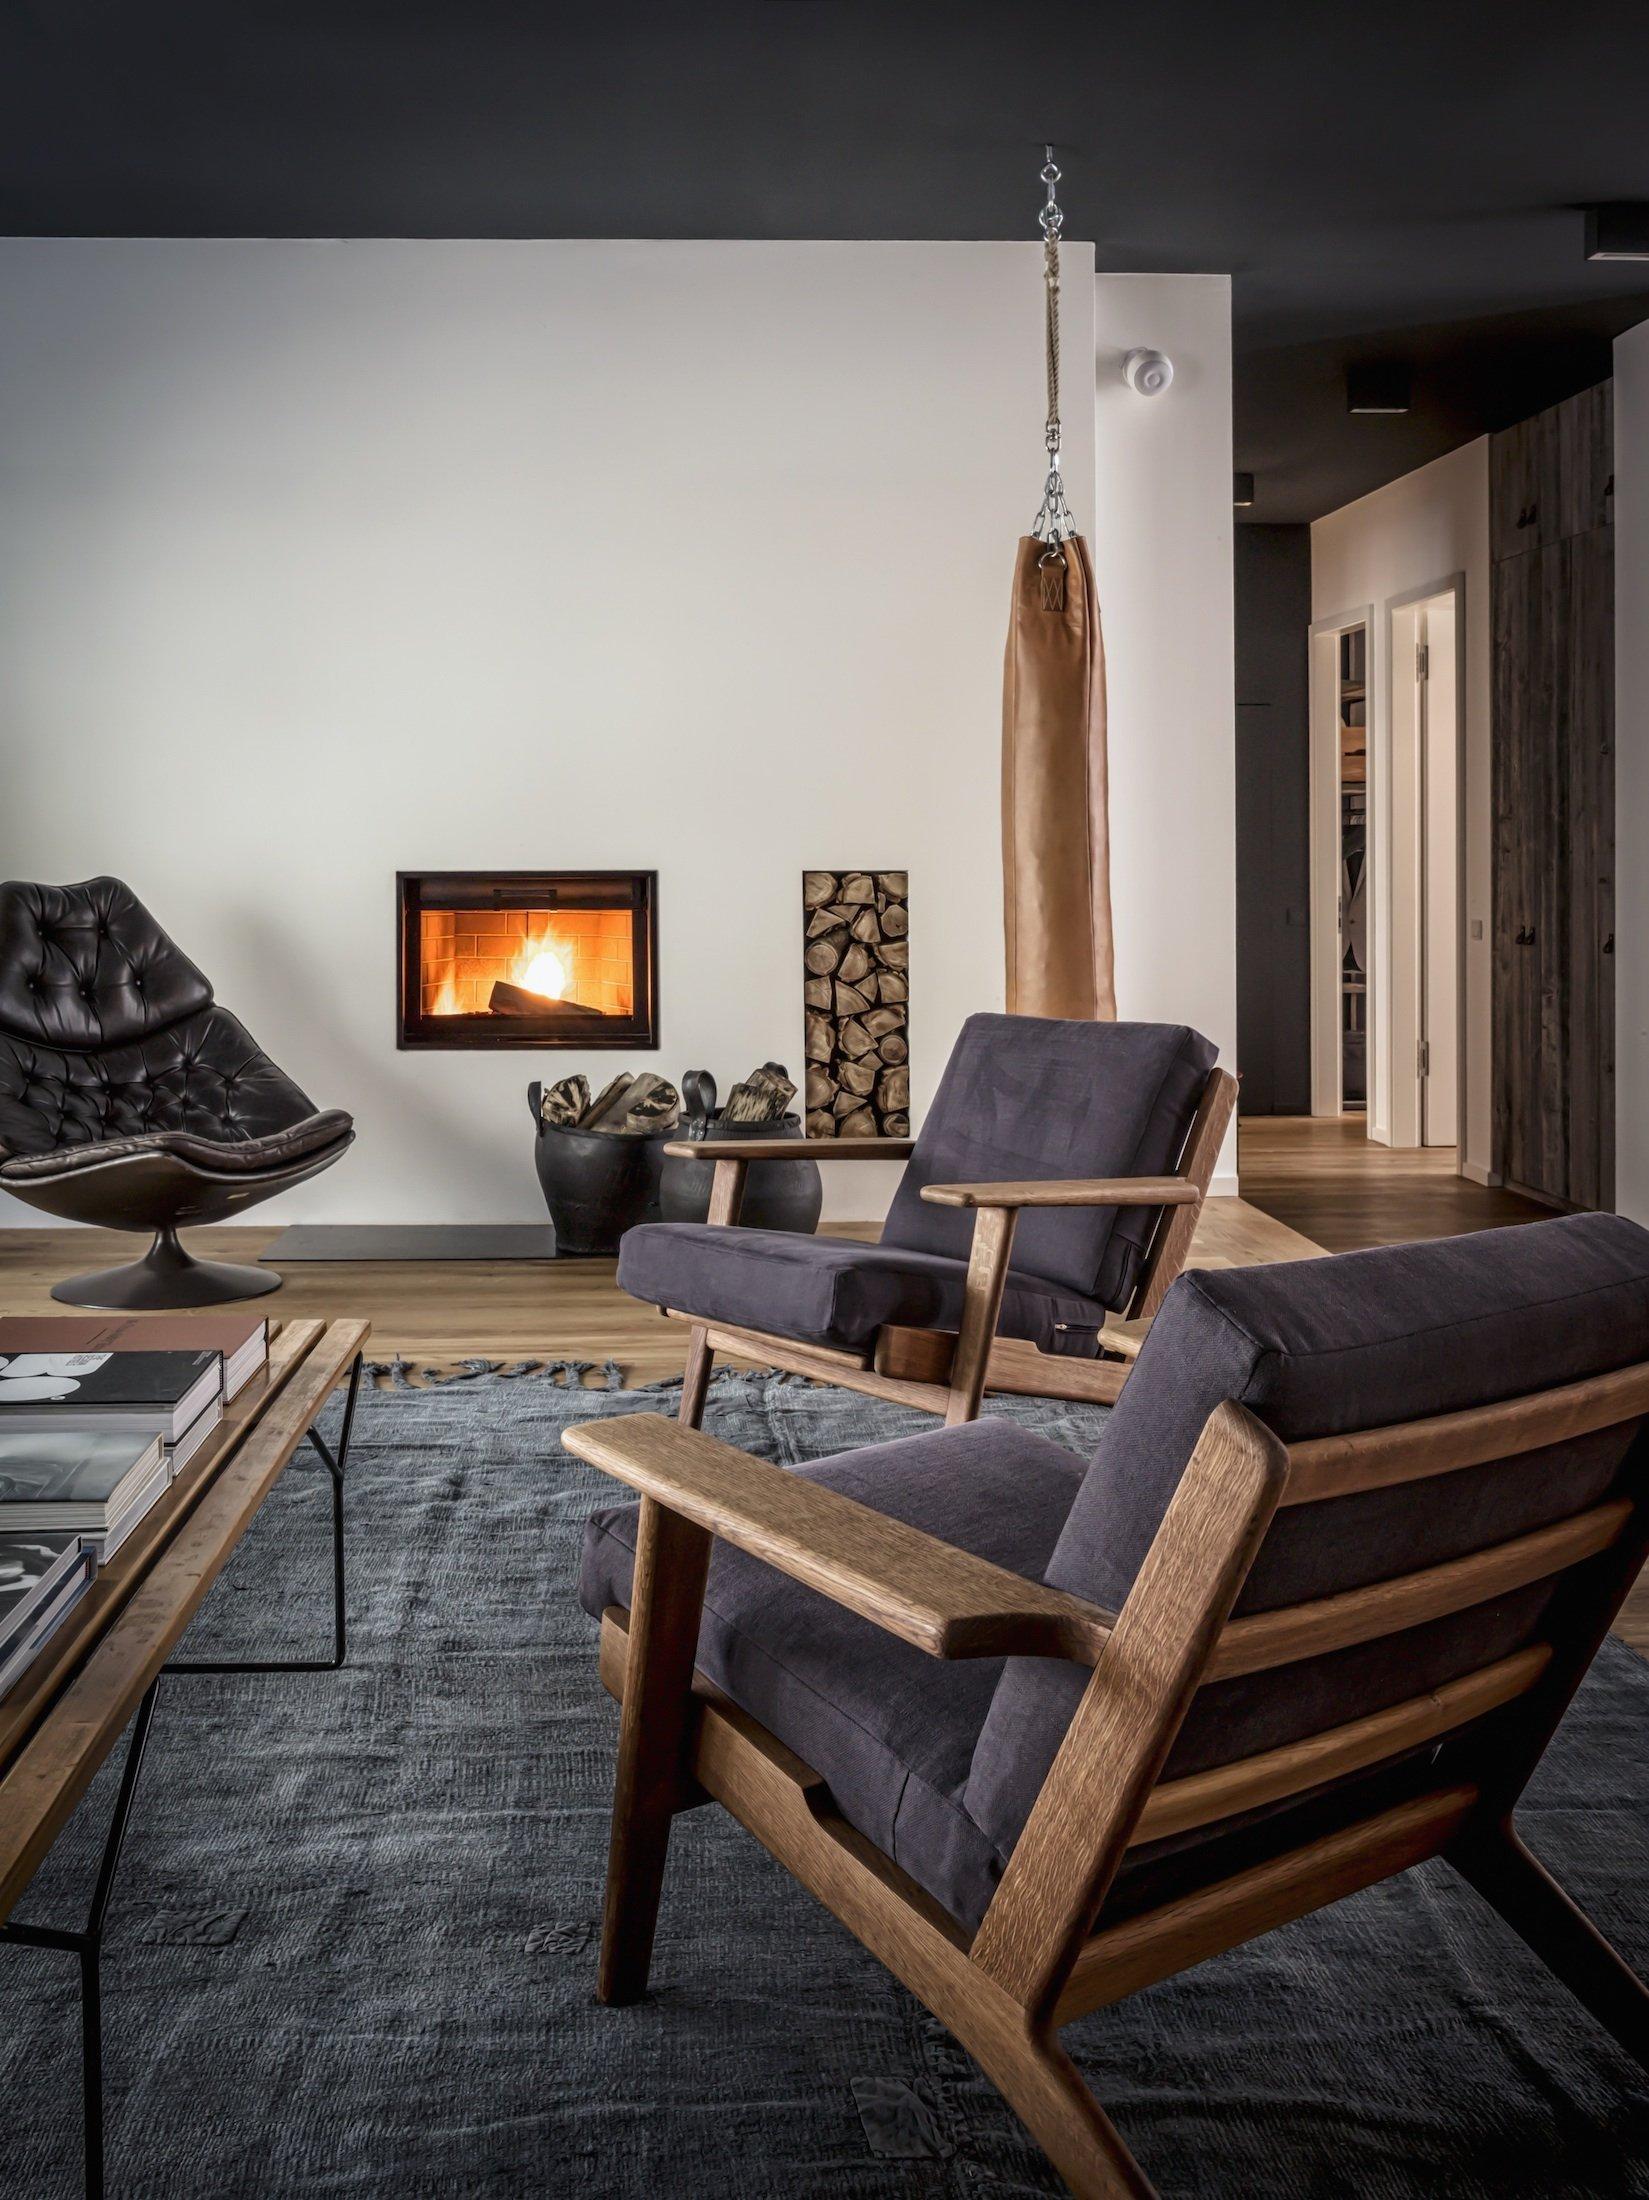 Odvážný avantgardní design, dokonalá sladěnost barev i materiálů. Přesně takto se vyznačují apartmány Berlin Mitte, které pochází z rukou designérů Annabelle Kutuku a Michaela Schockingera.